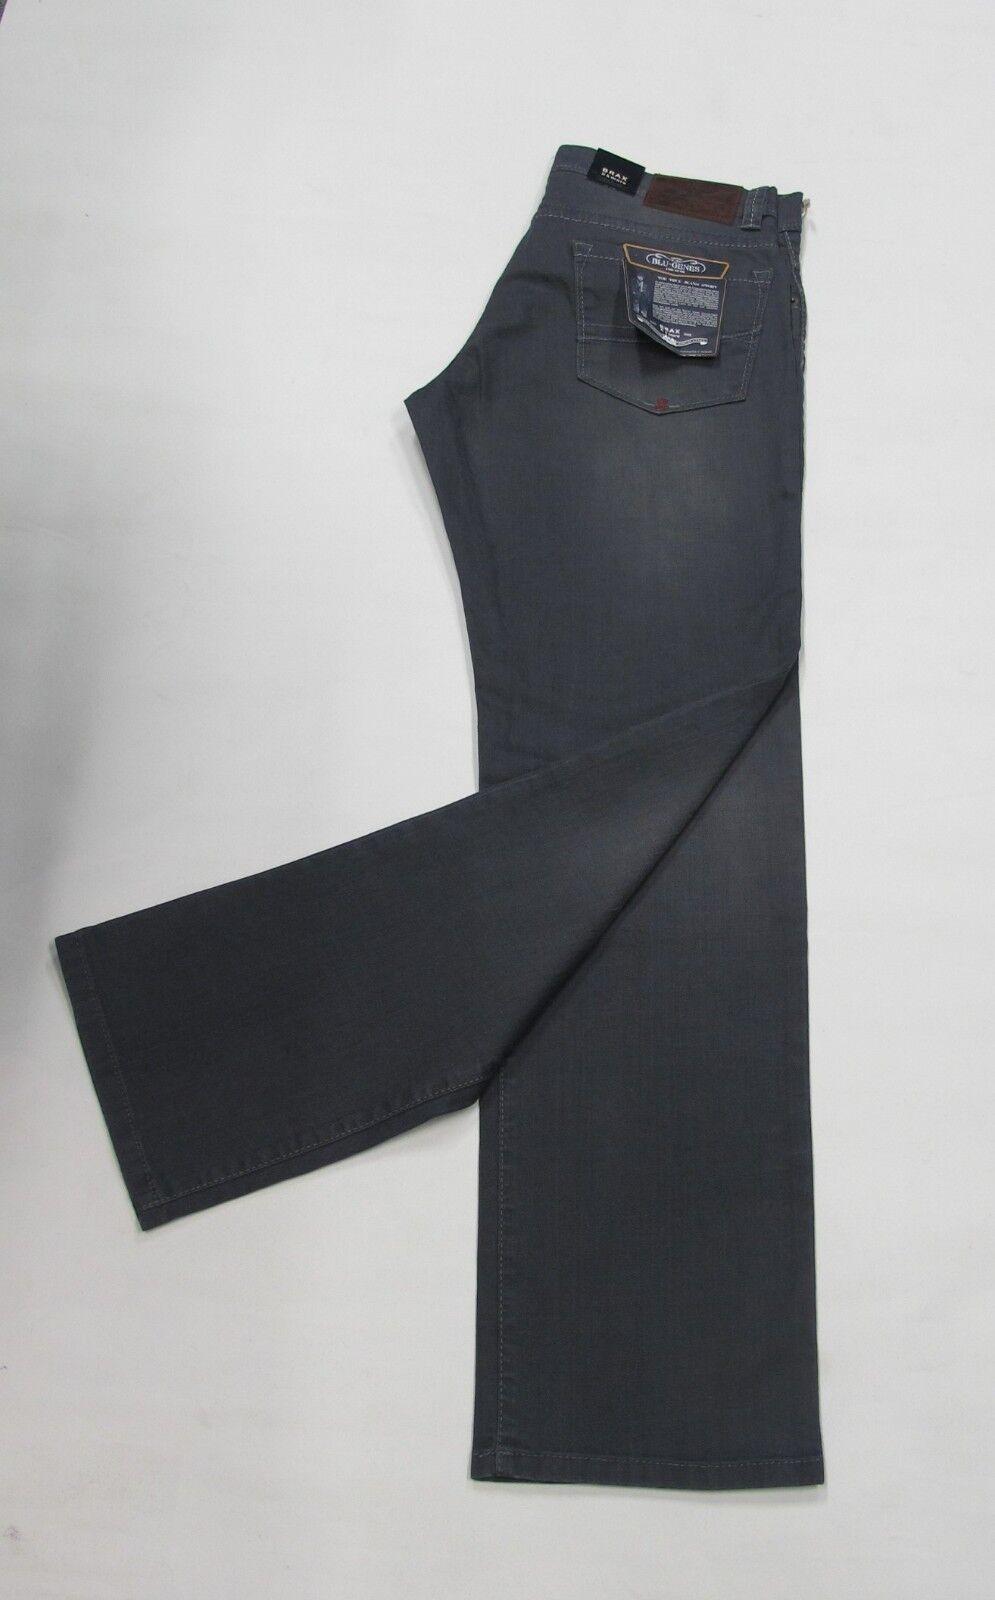 Brax Hose Cadiz Stretch Stretch Stretch Gr. 33 32, Grau, | Outlet Store  d467ab